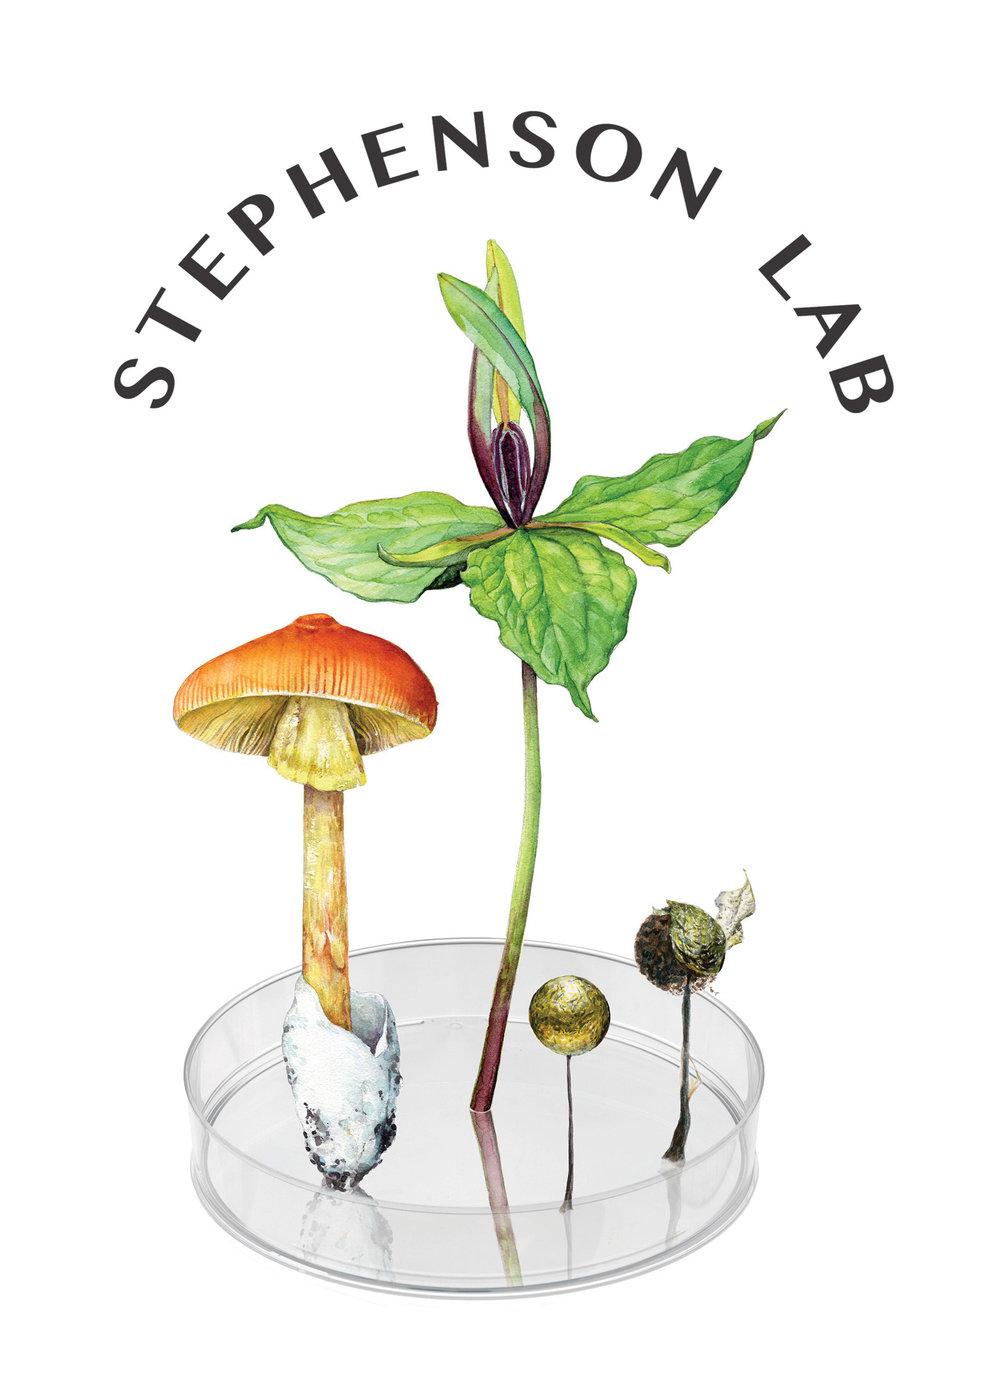 Stephenson lab